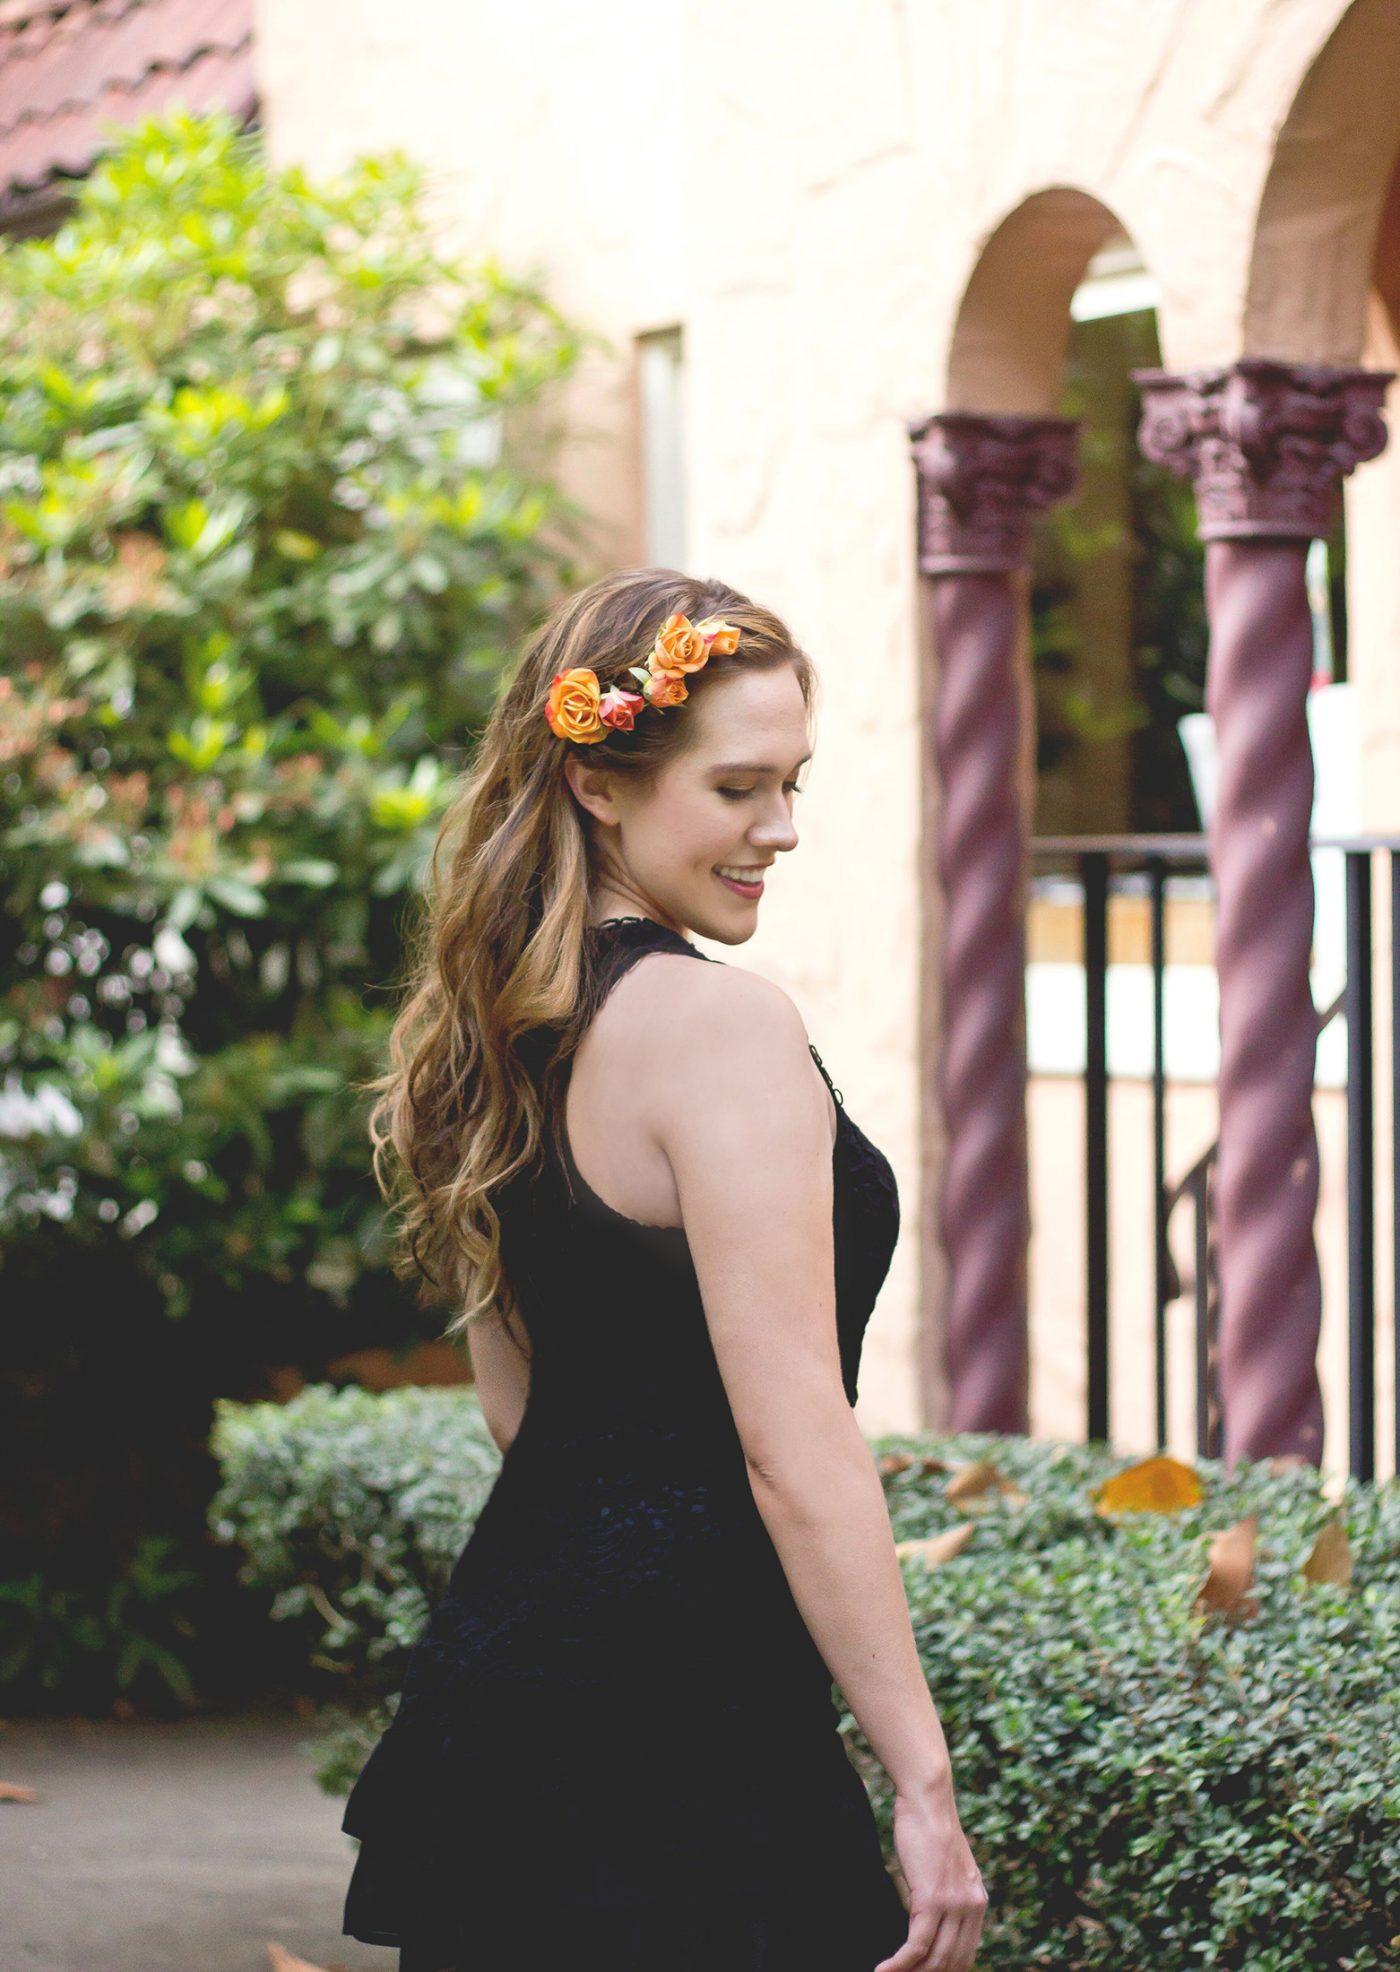 Flower Hair Ideas - Katherine Chloe Cahoon G